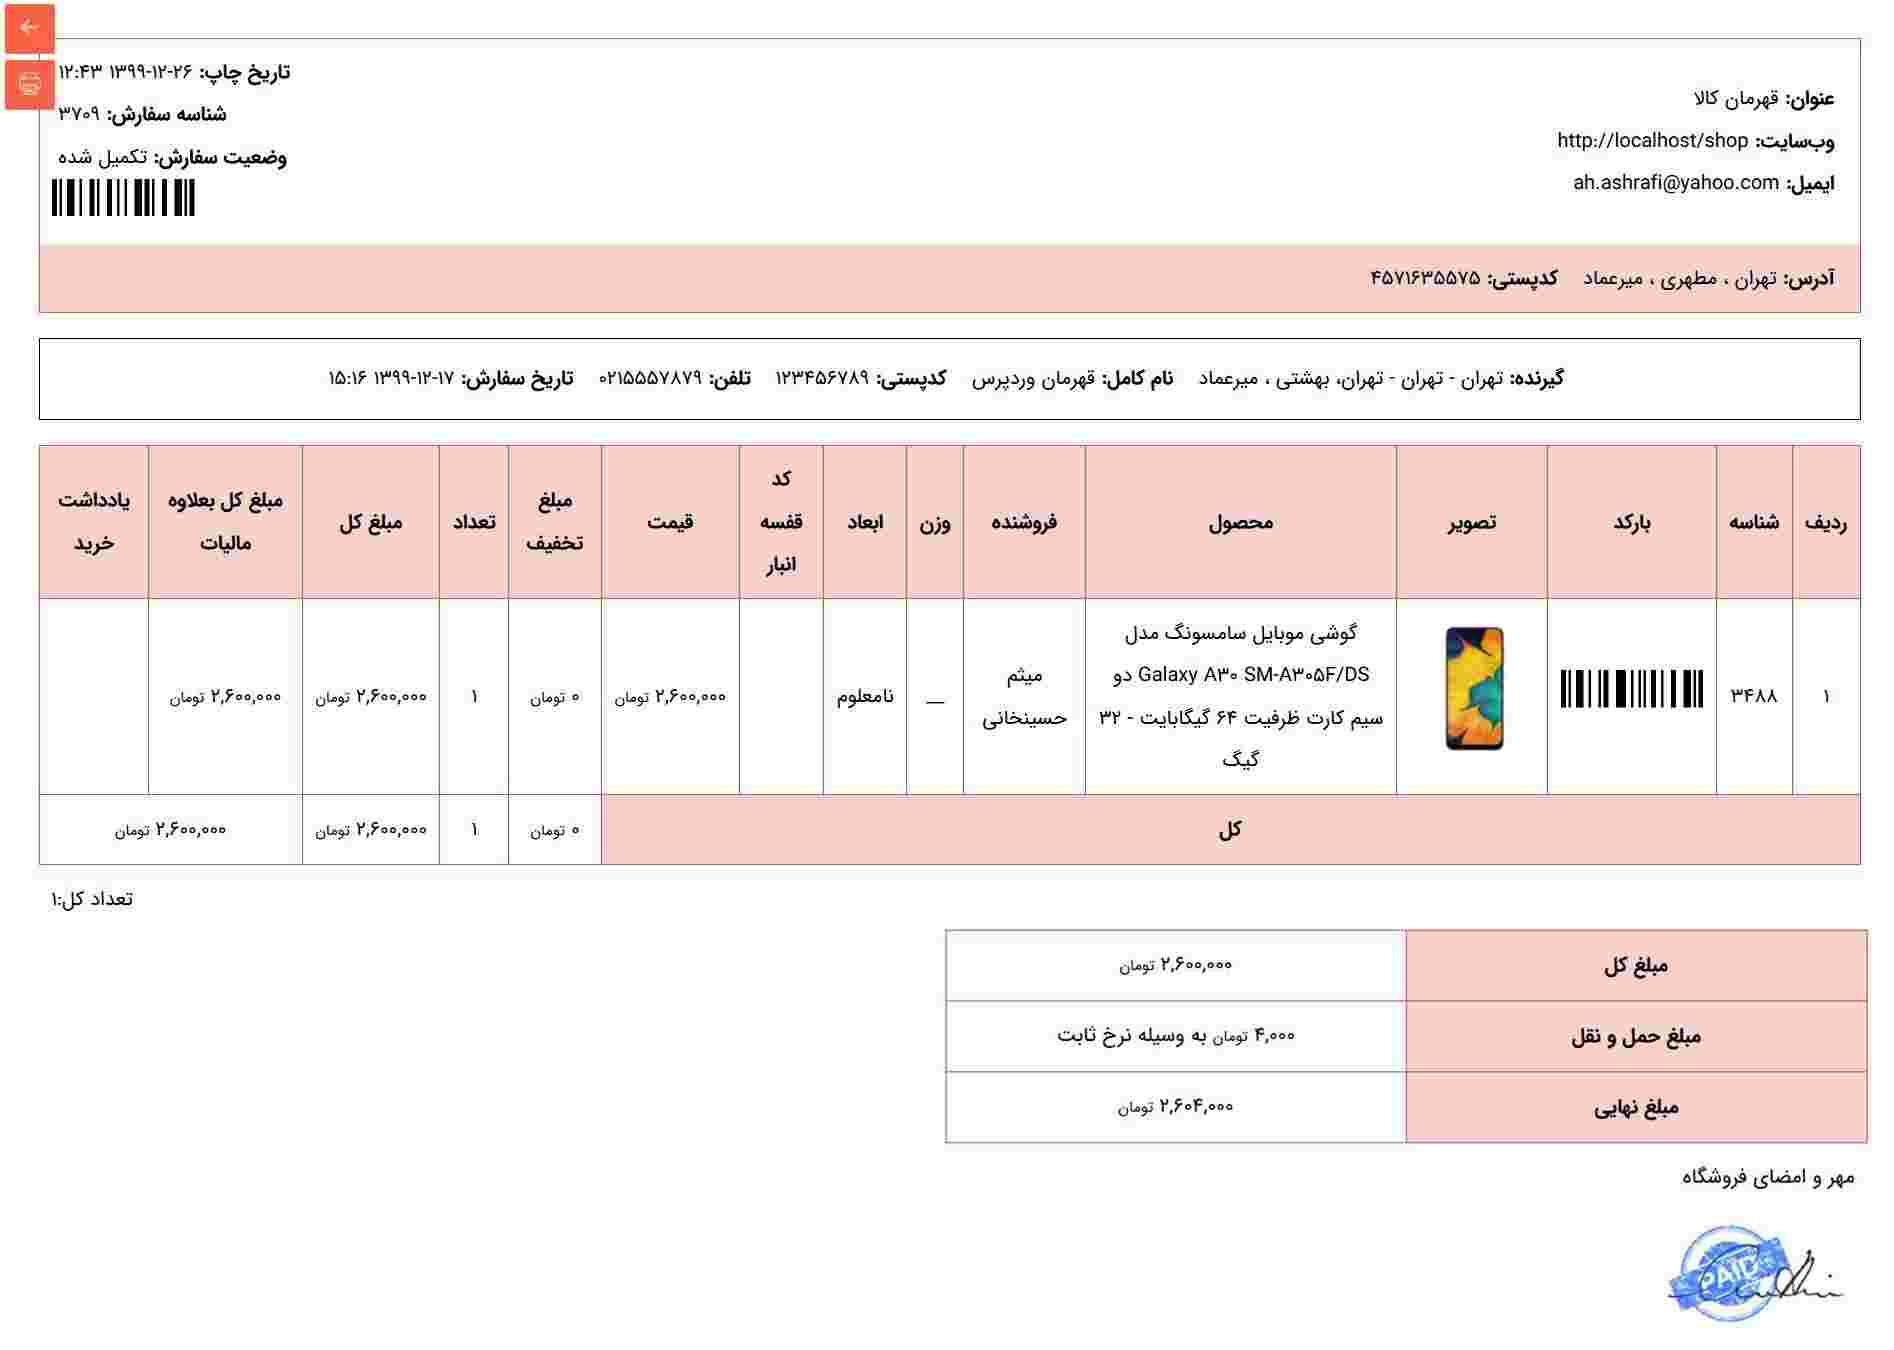 یک نمونه از صفحات فاکتور آماده ارائه شده در افزونه factori